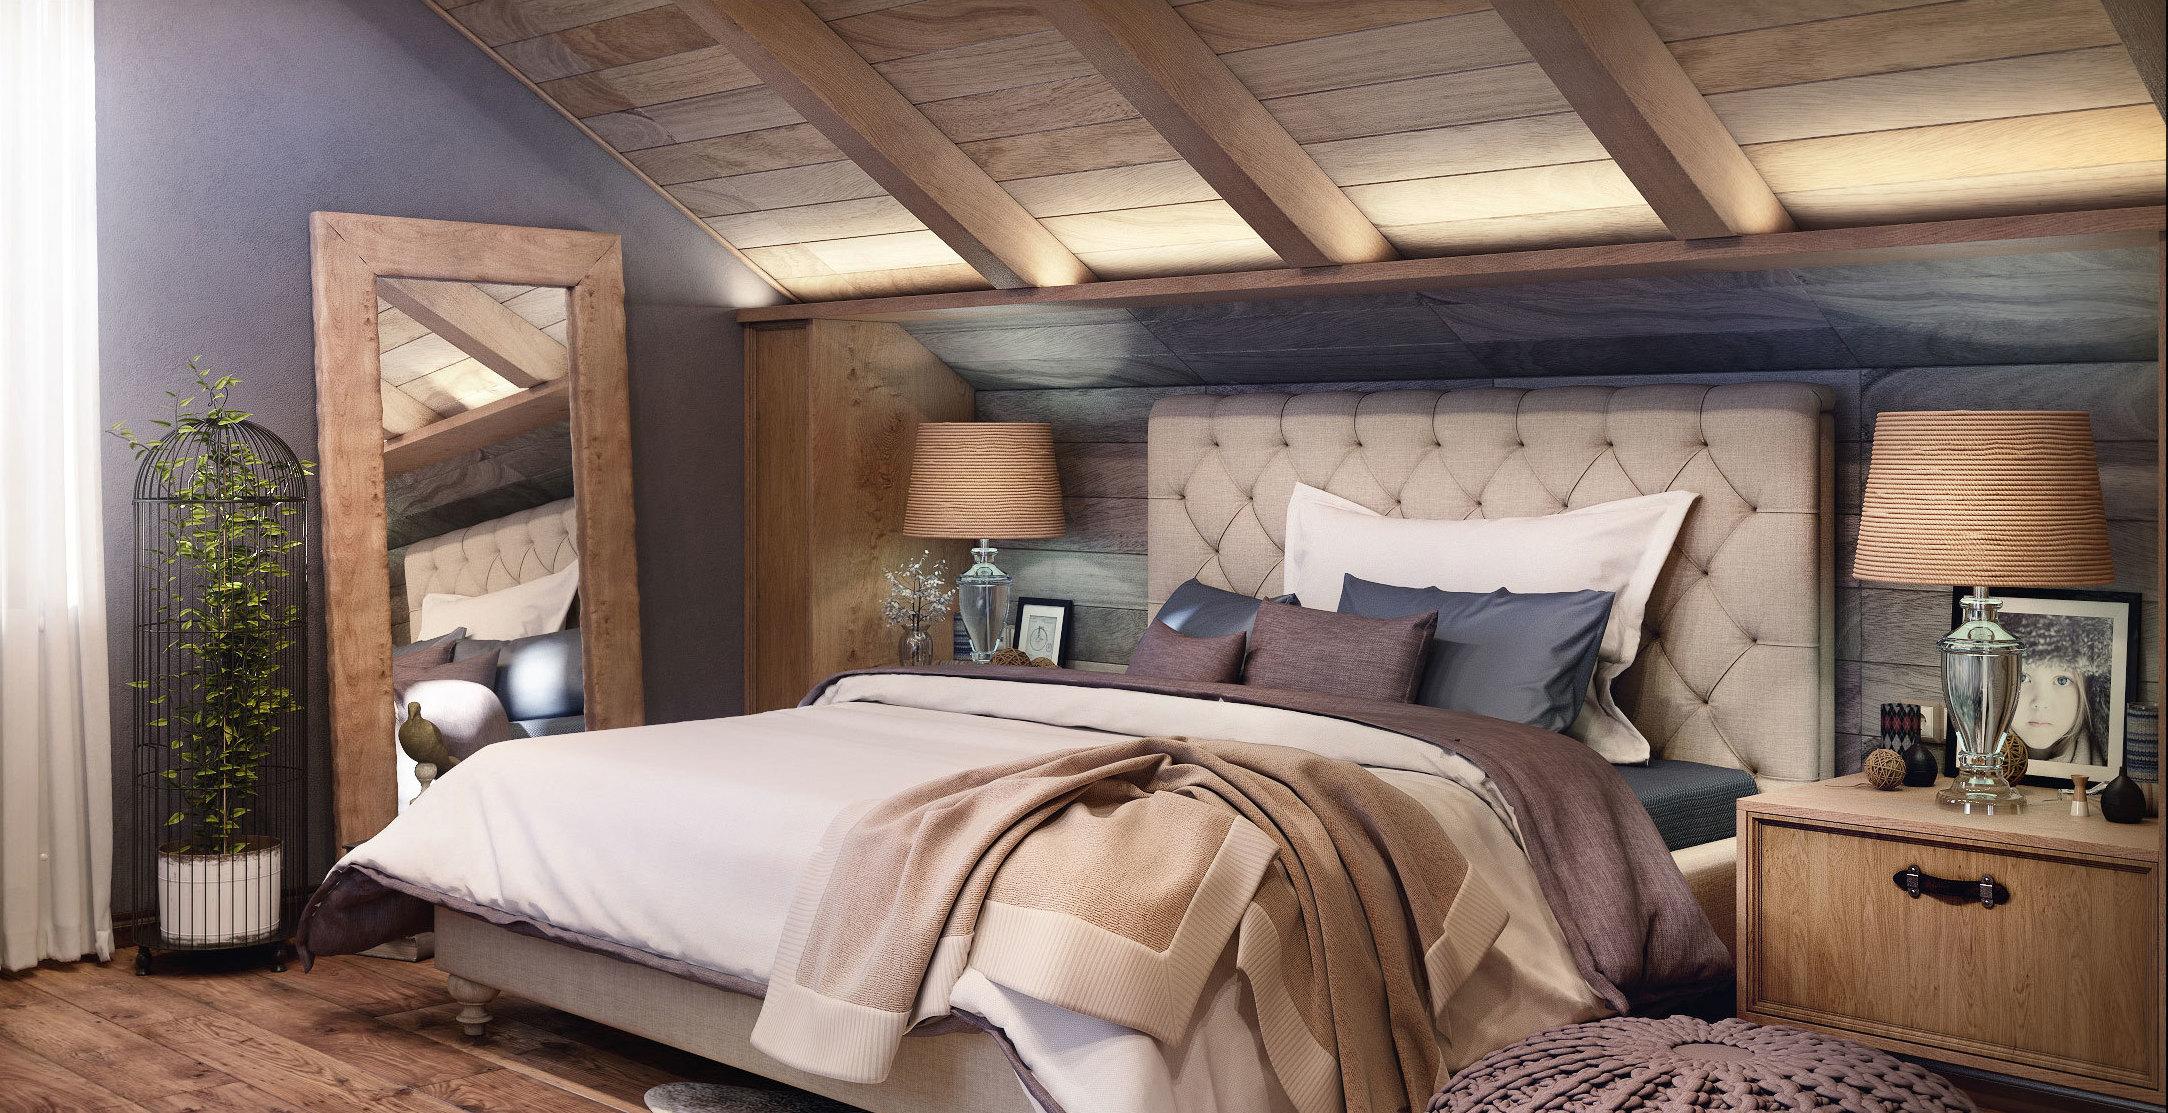 роскошный дизайн для вашей спальни в загородном доме